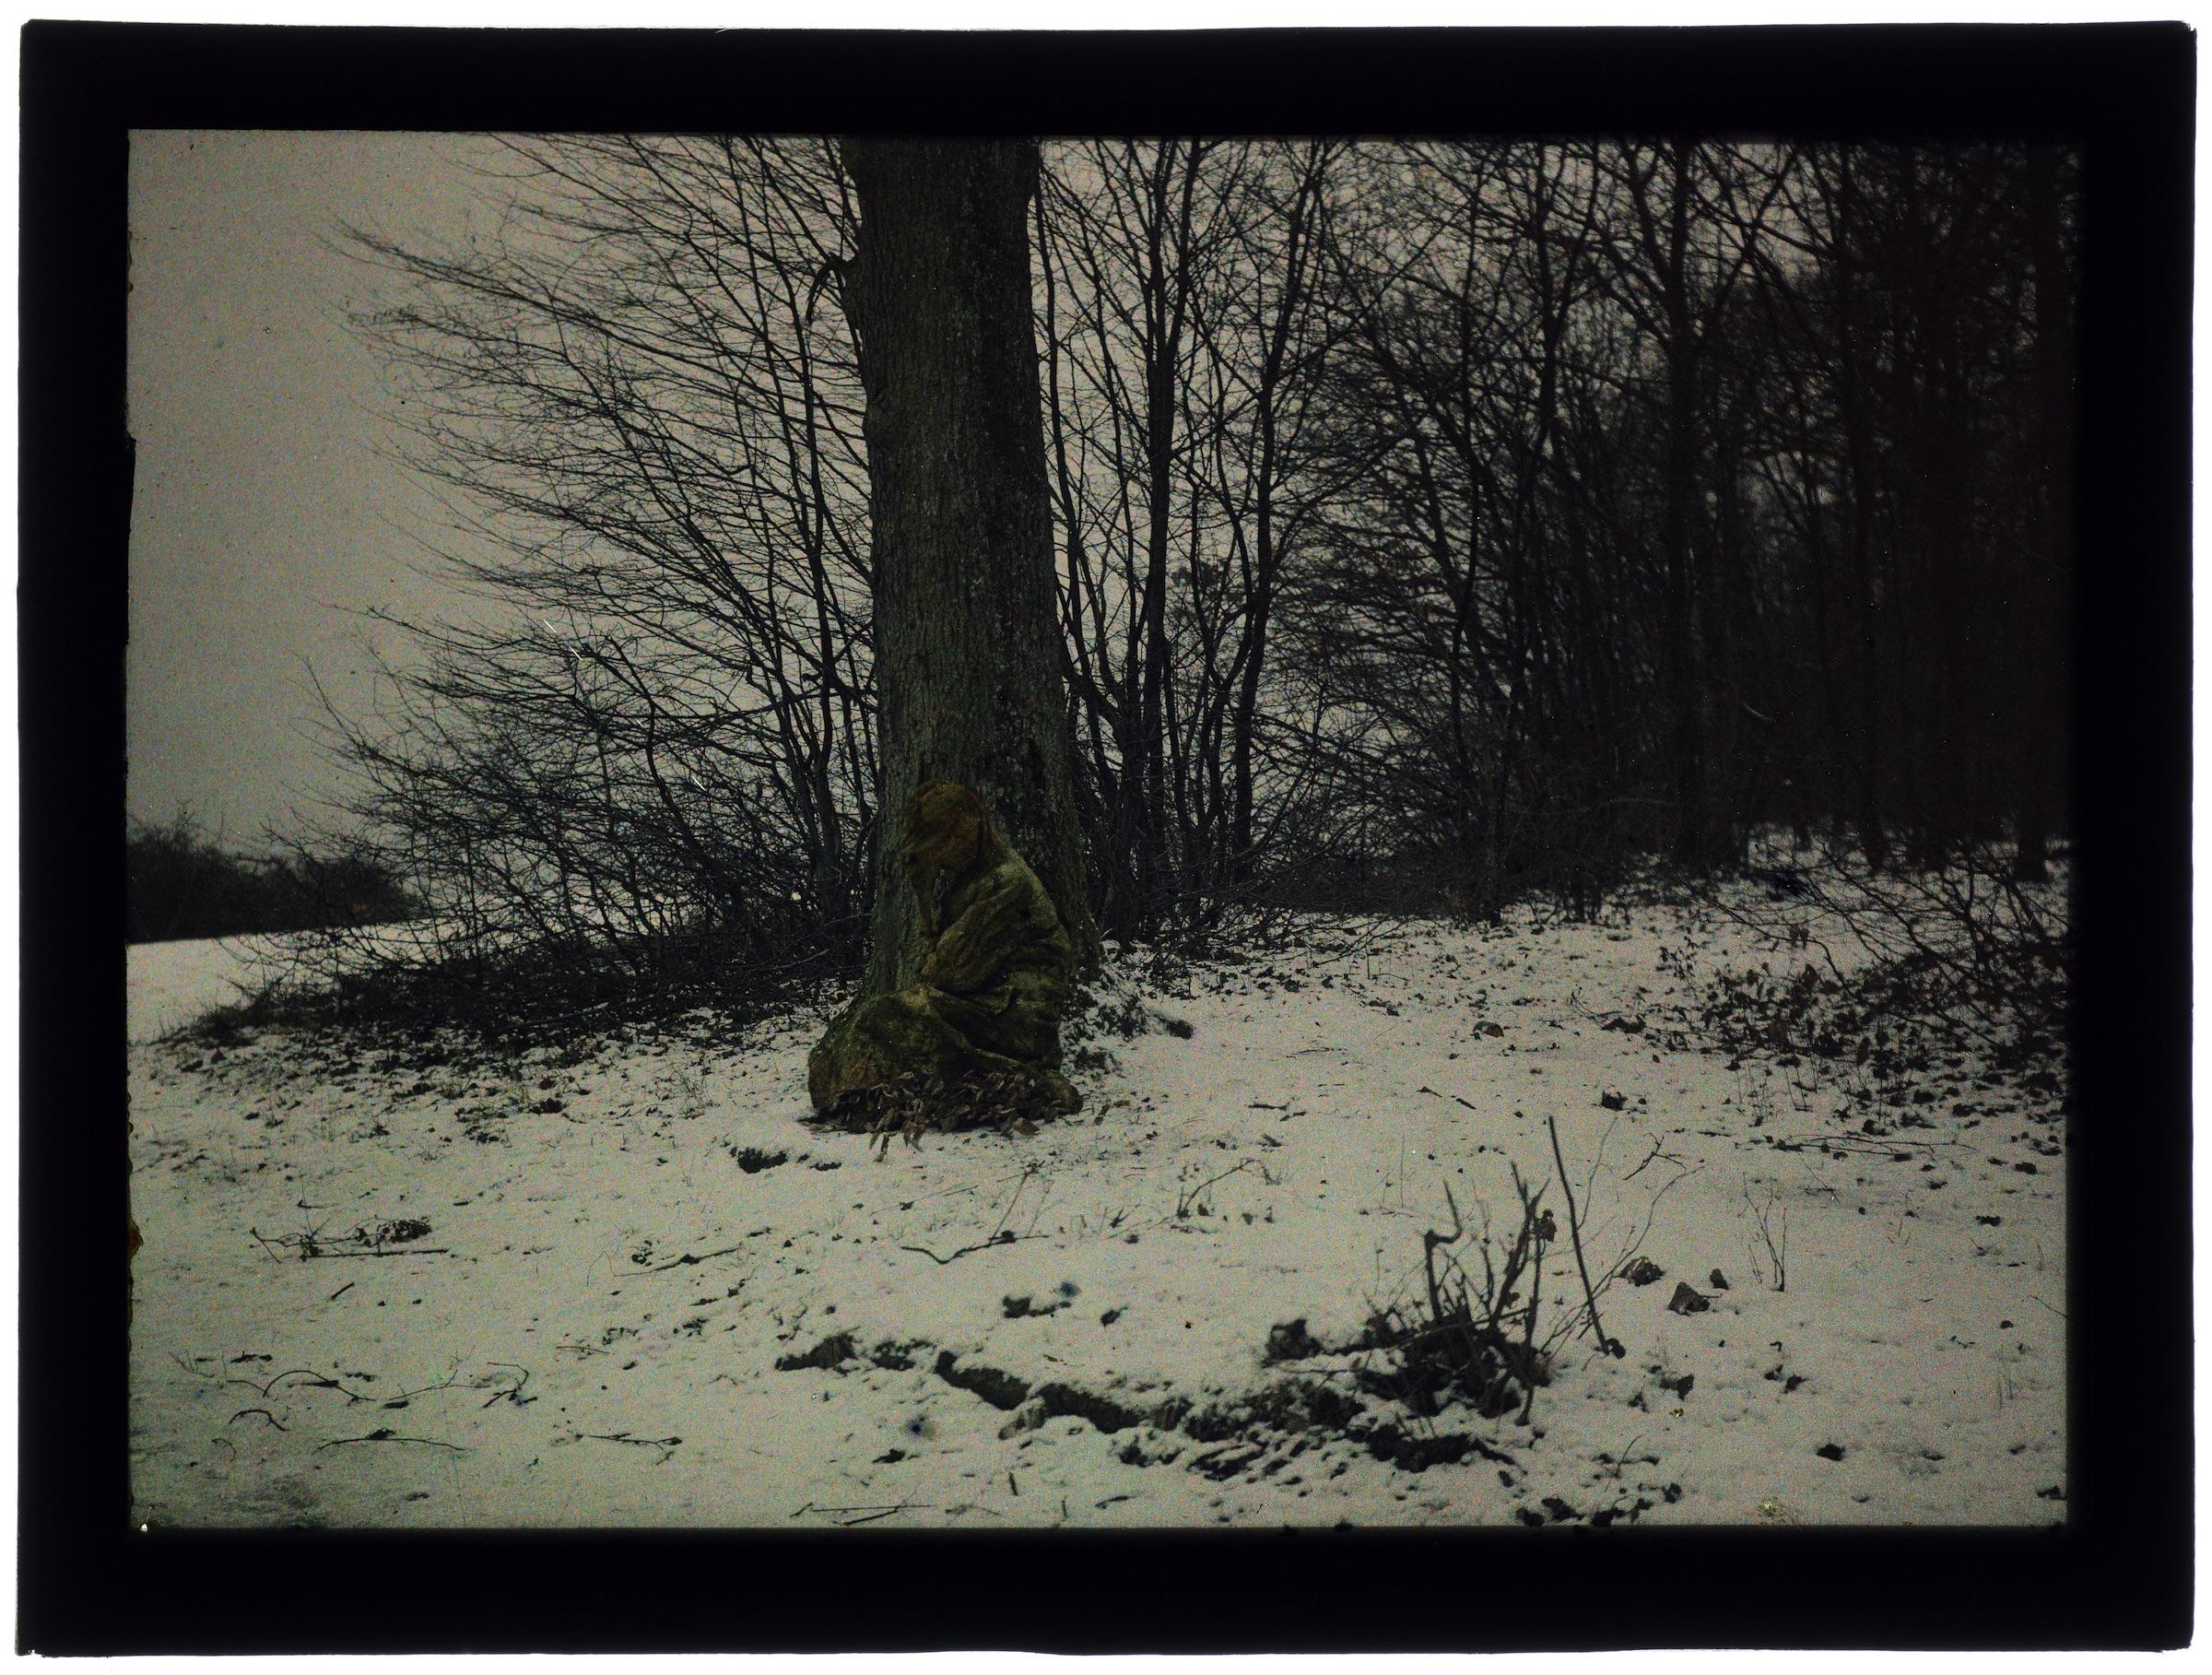 Femme dans la forêt enneigée